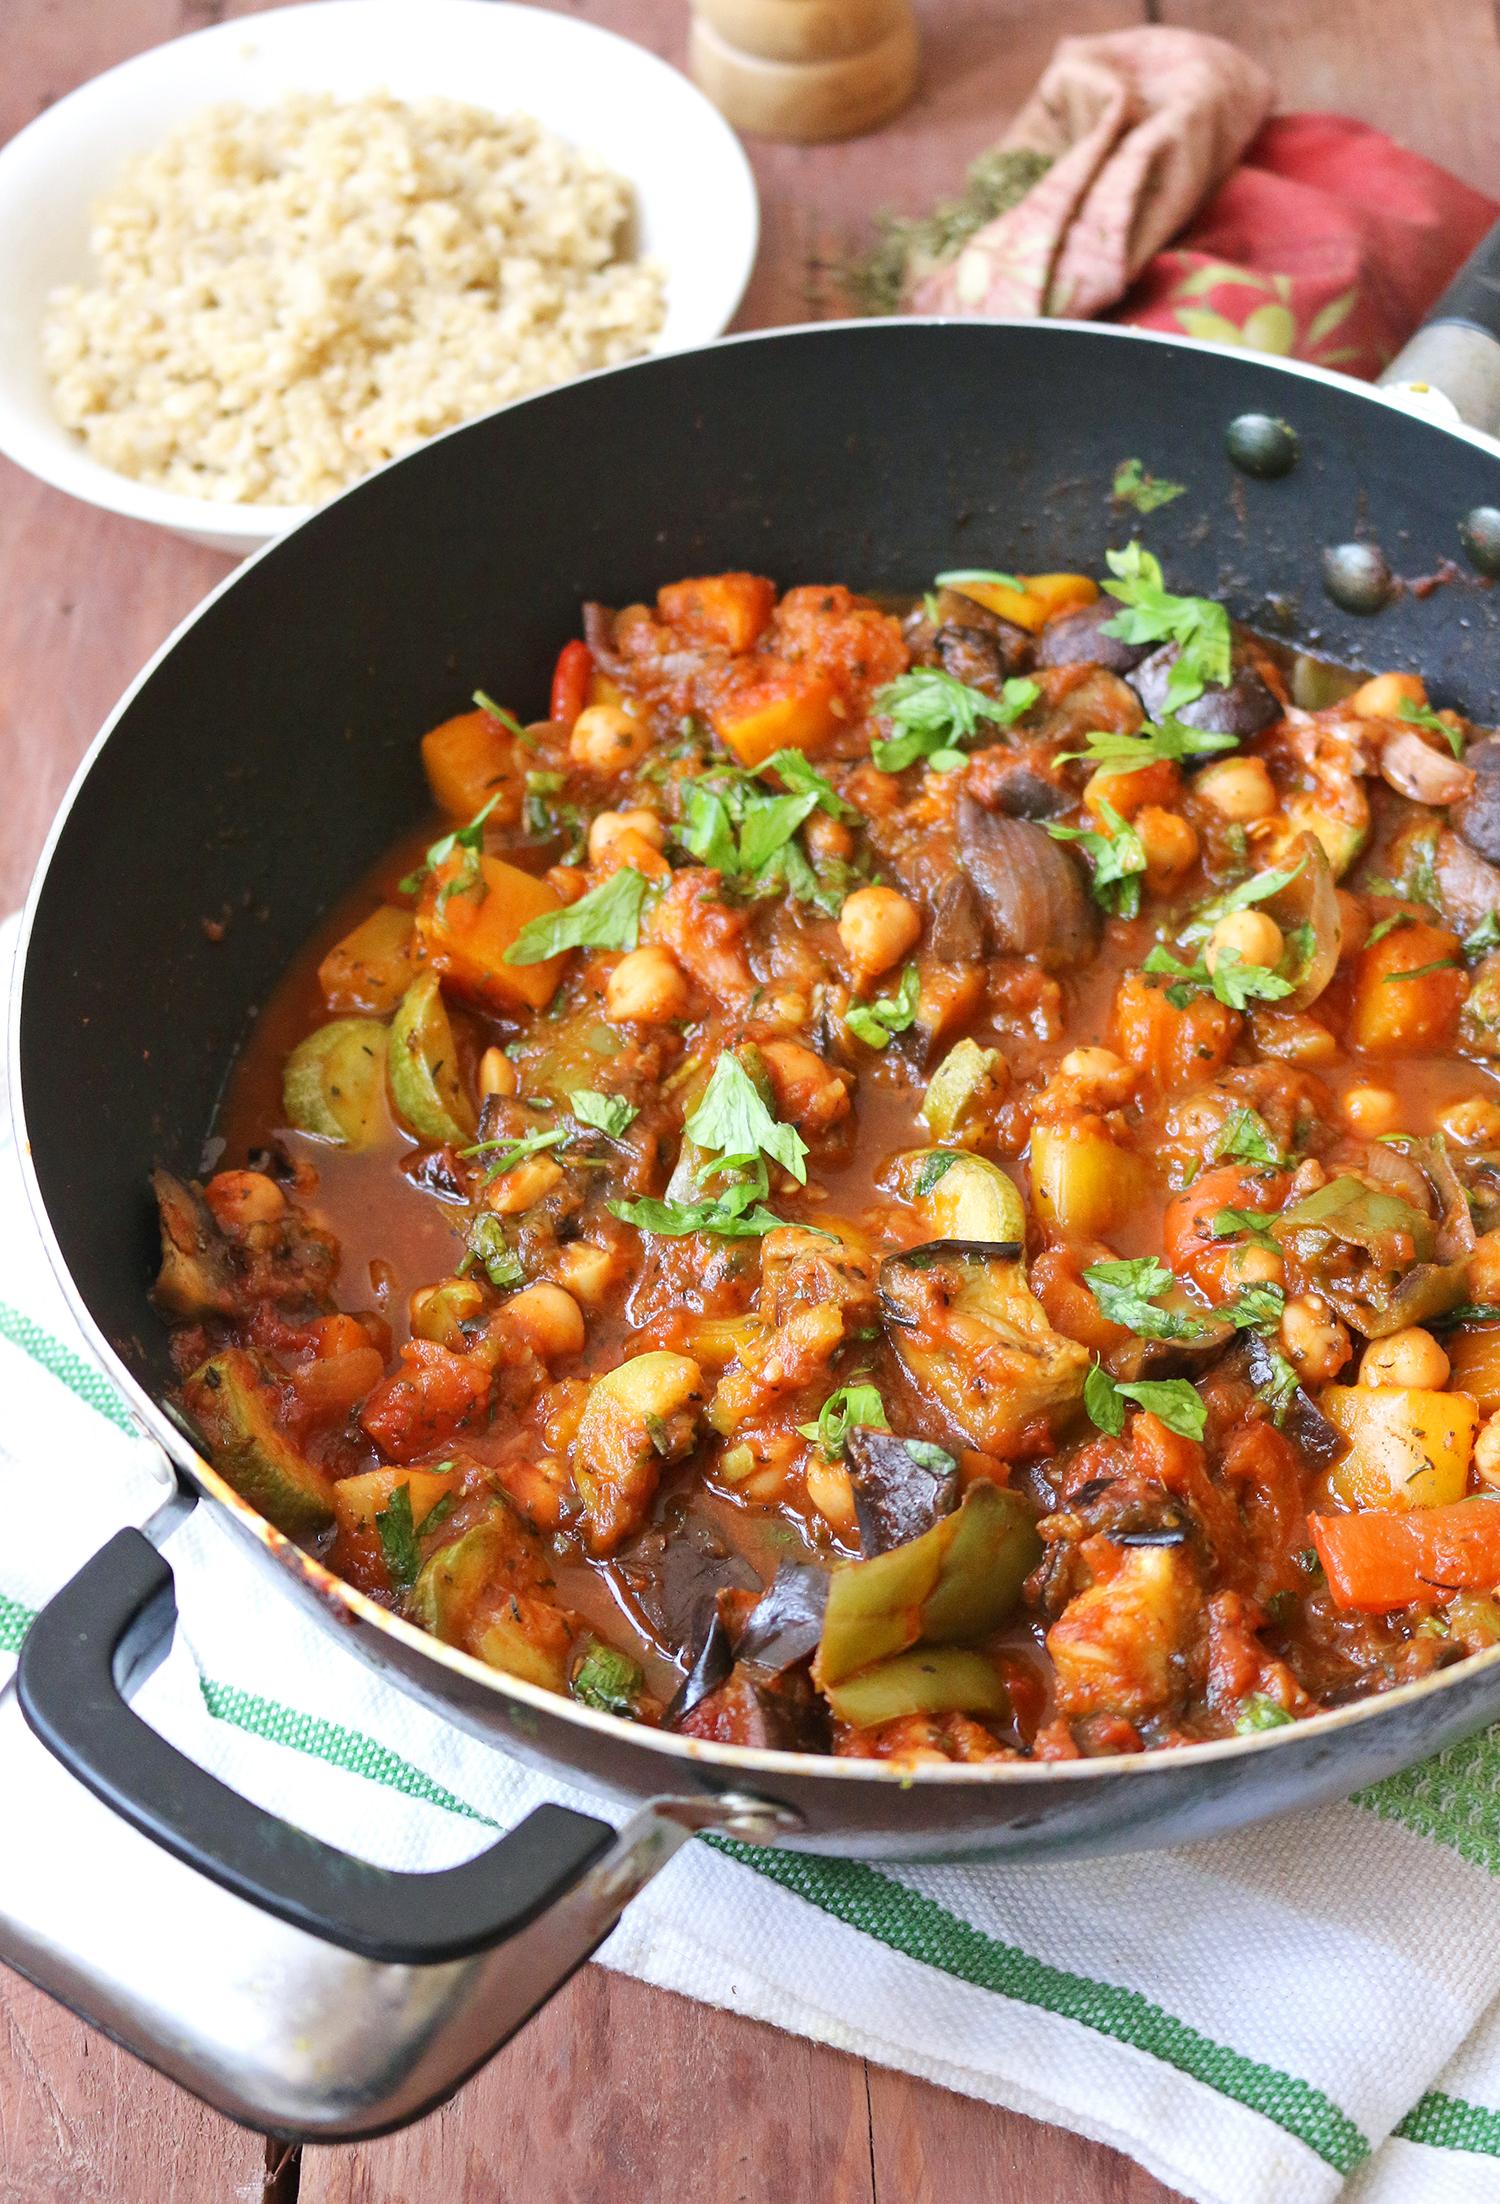 plant-based vegetarian meals